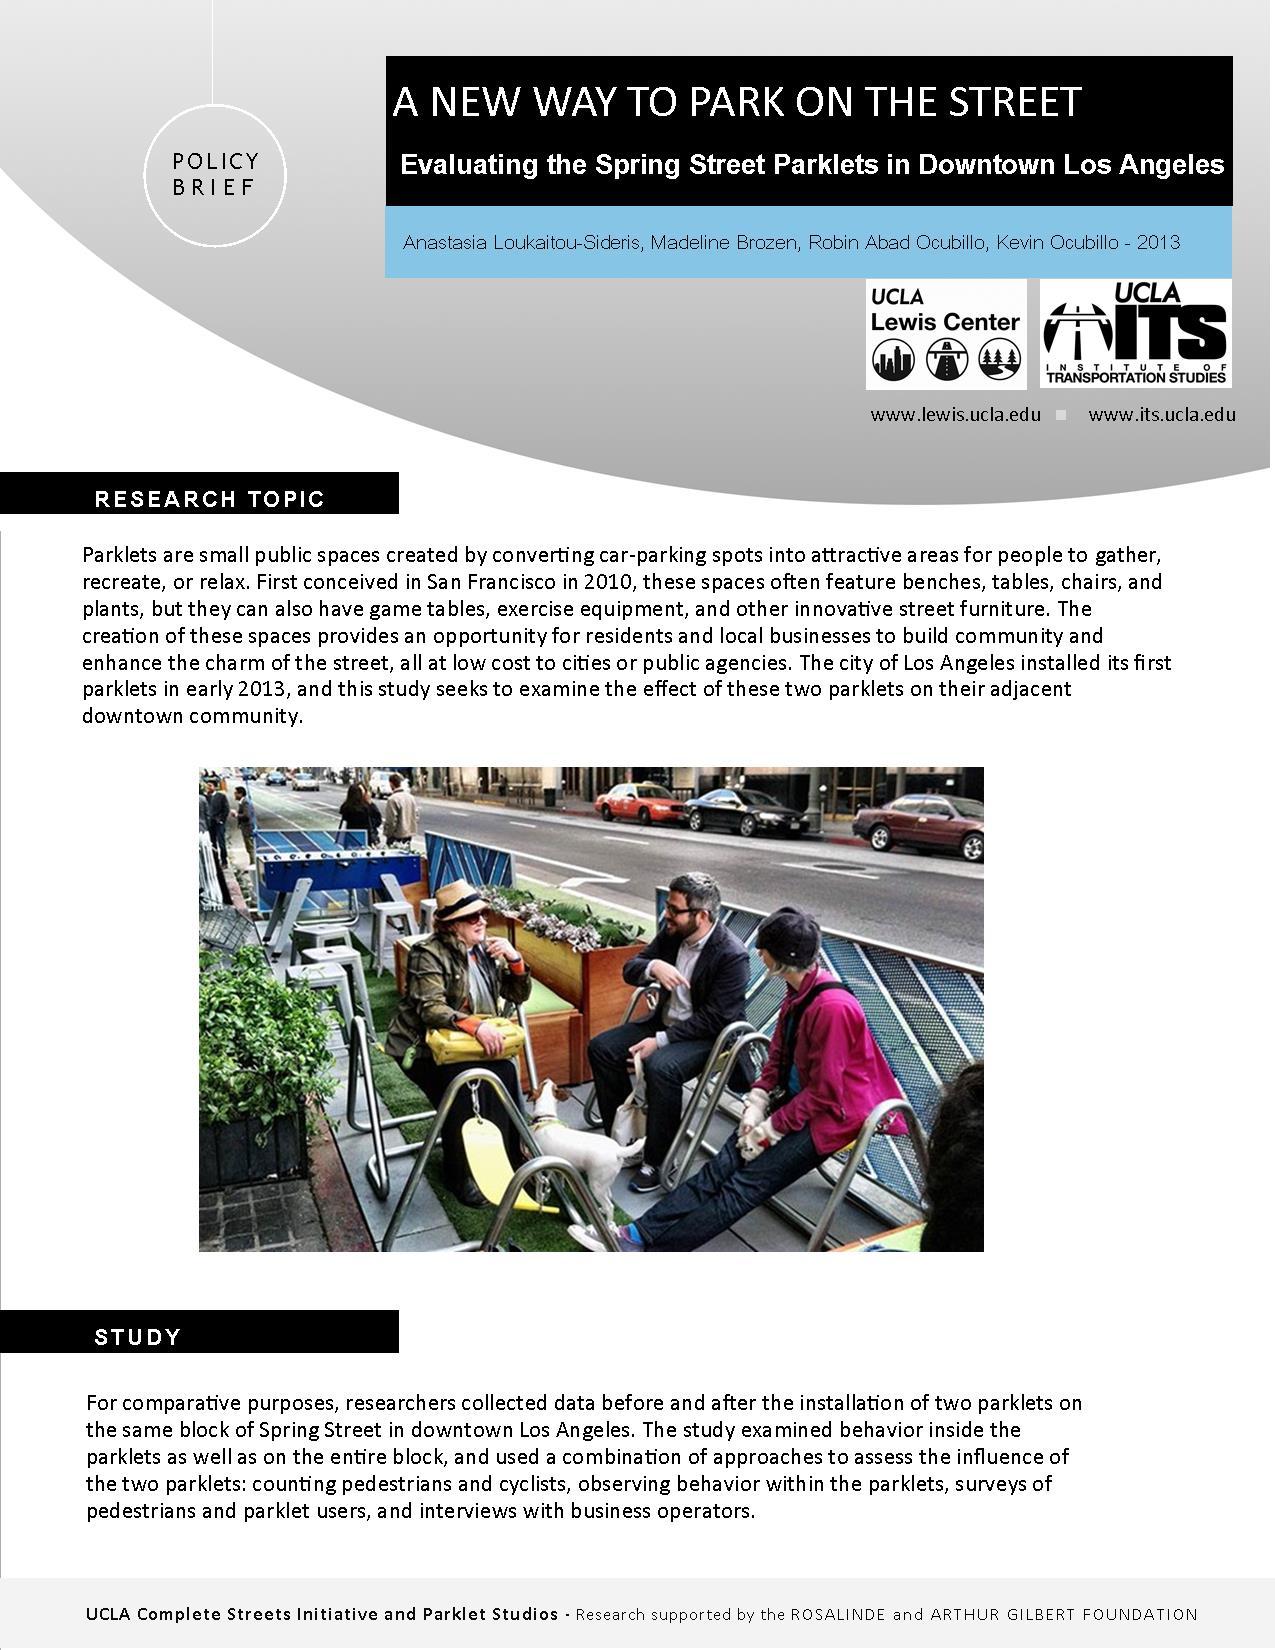 Policy Brief Thumbnail Image